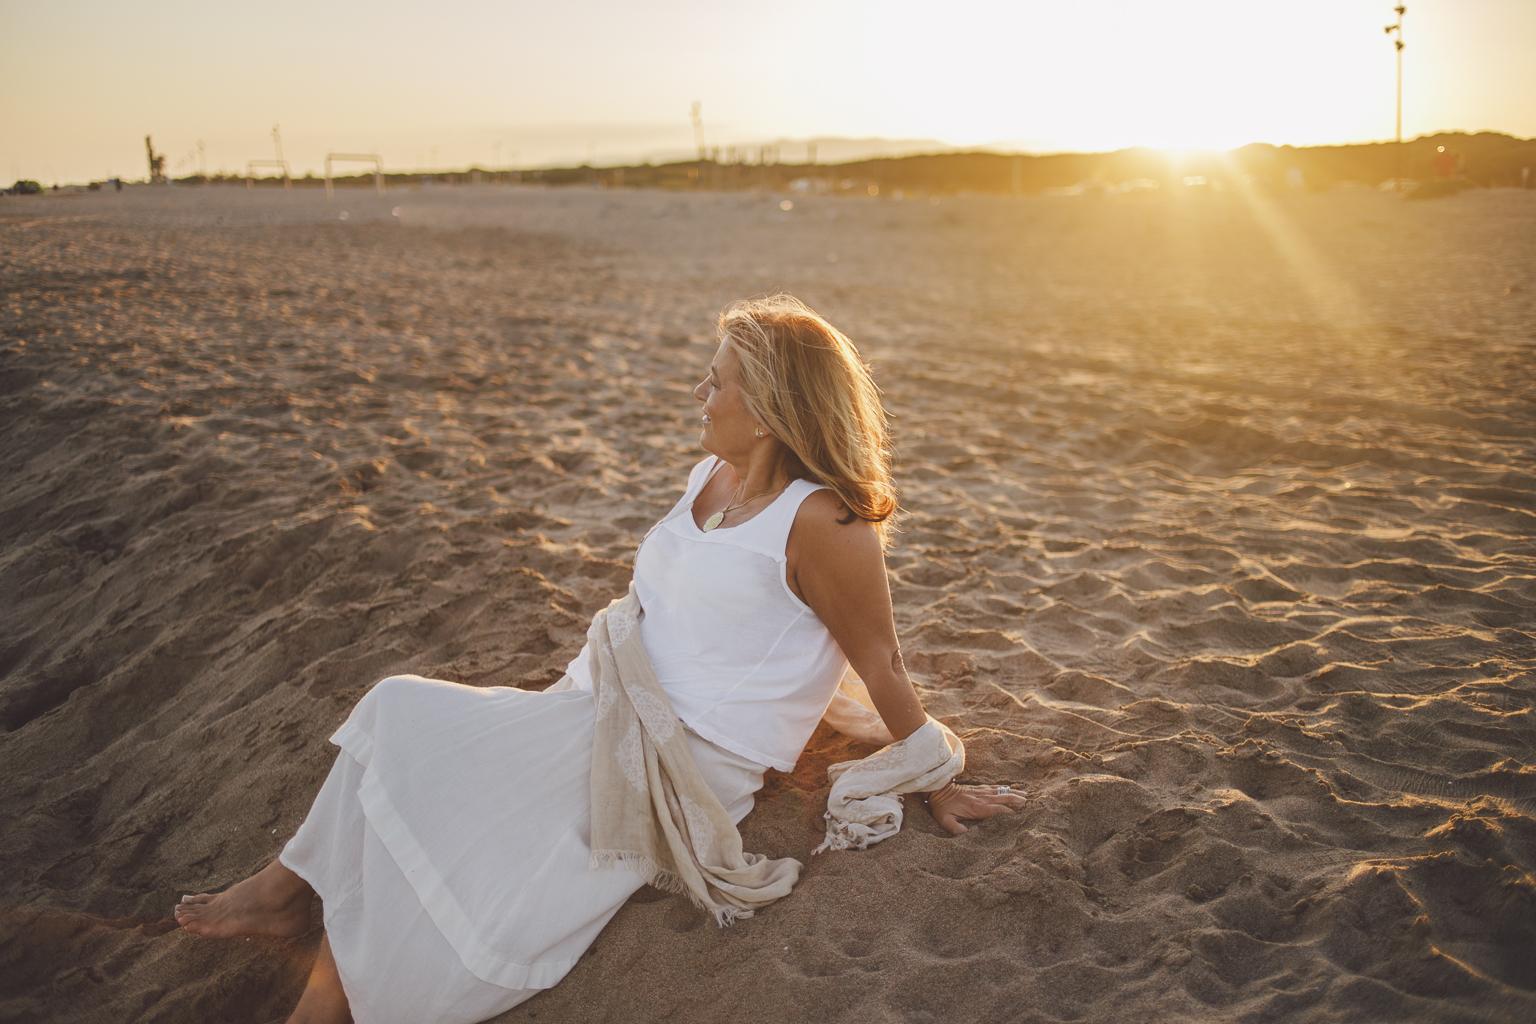 fotógrafo book barcelona :: fotografo de familia Sant Cugat :: fotografía natural Barcelona :: Delta del Llobregat :: Puesta de sol en la playa :: Atardecer